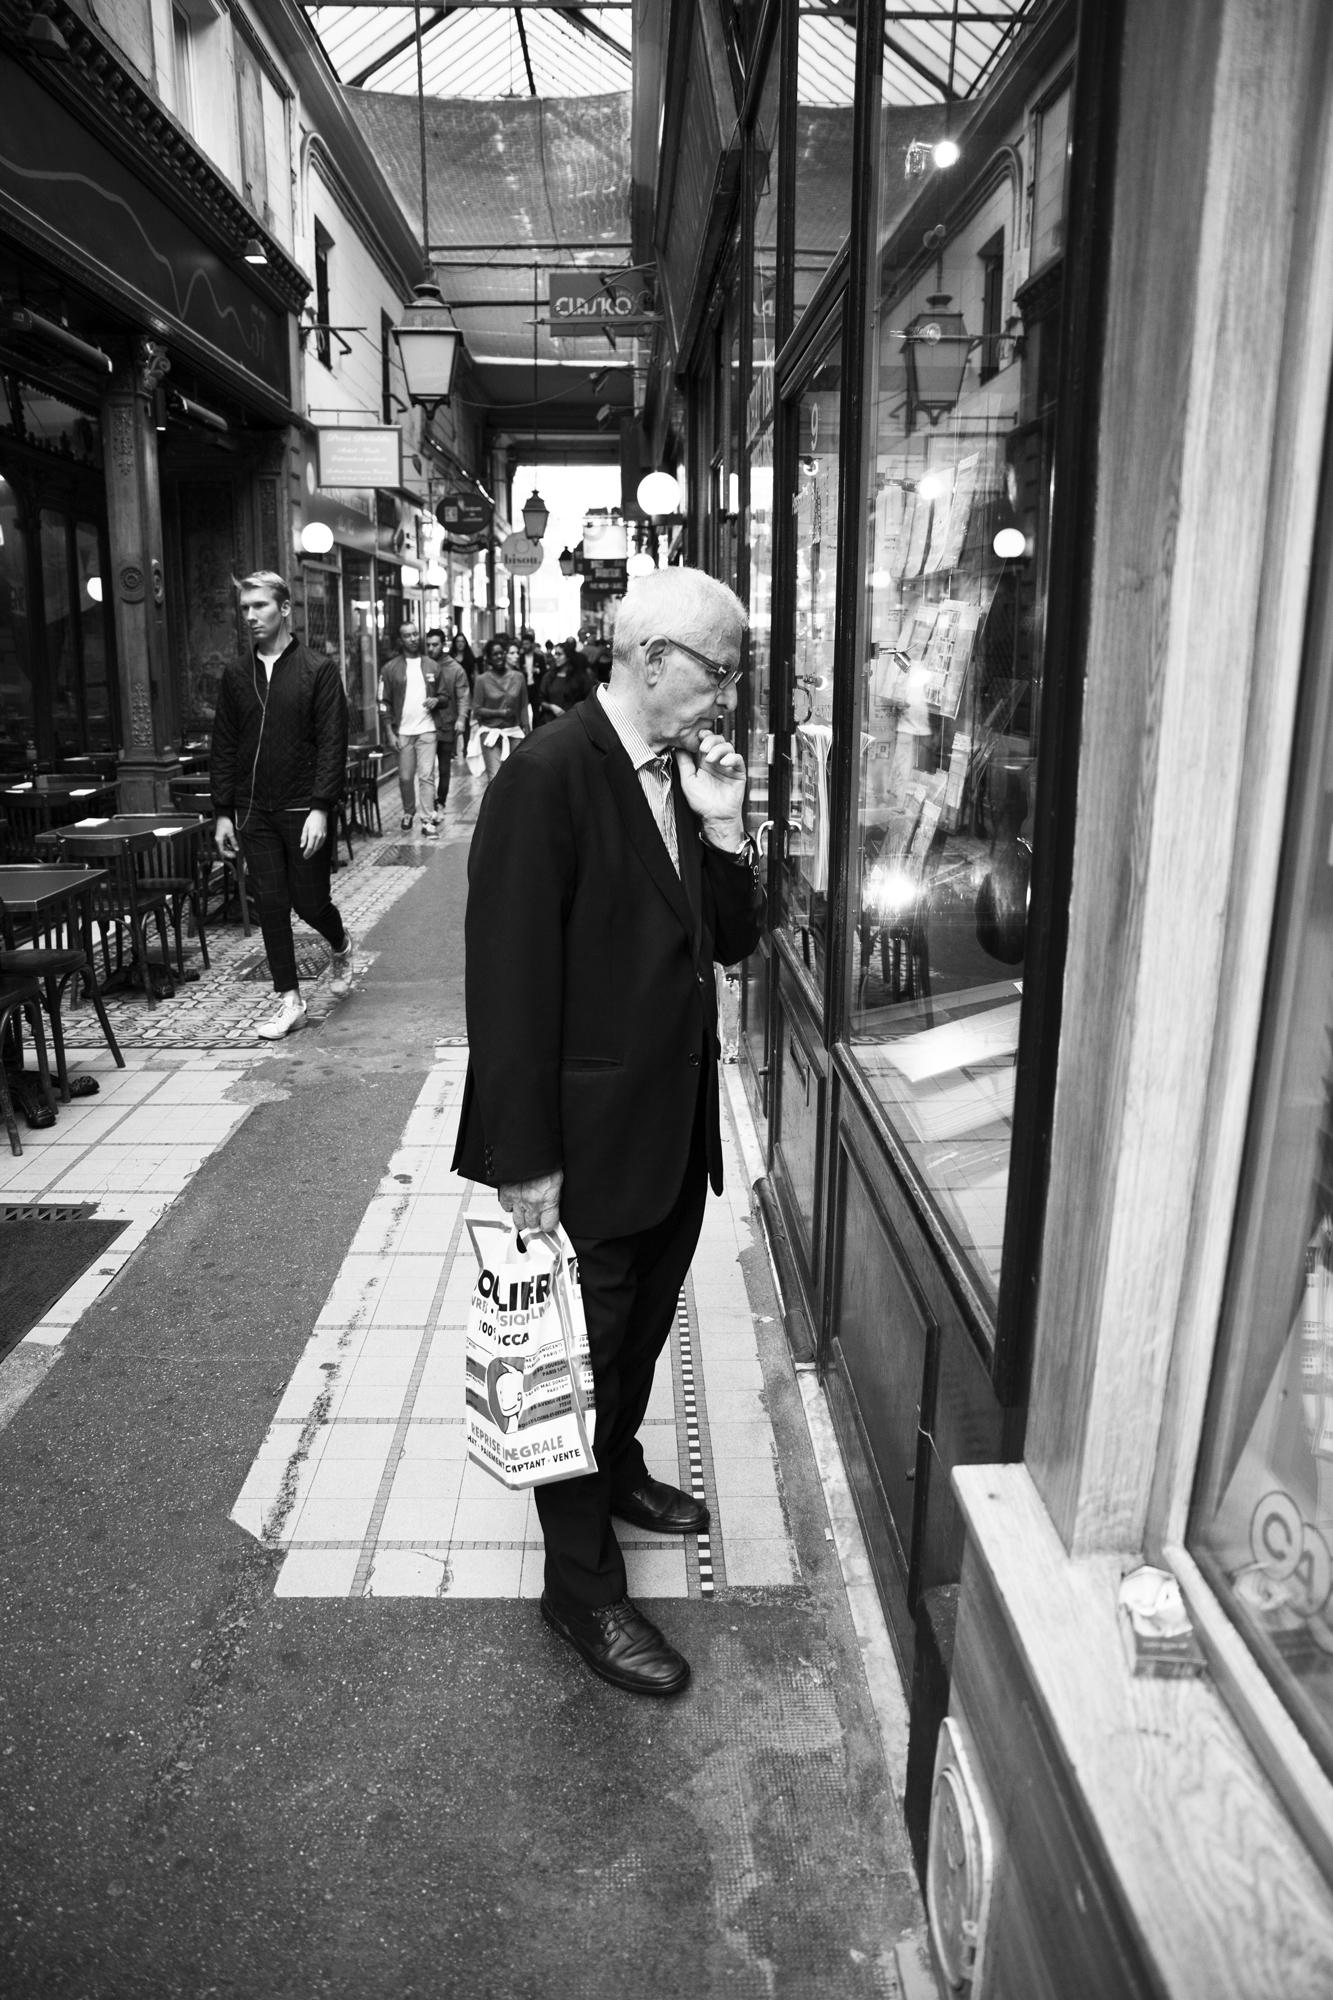 """""""Without hesitation"""" - Passage des Panoramas, Paris (2019). © Clémence Rougetet"""